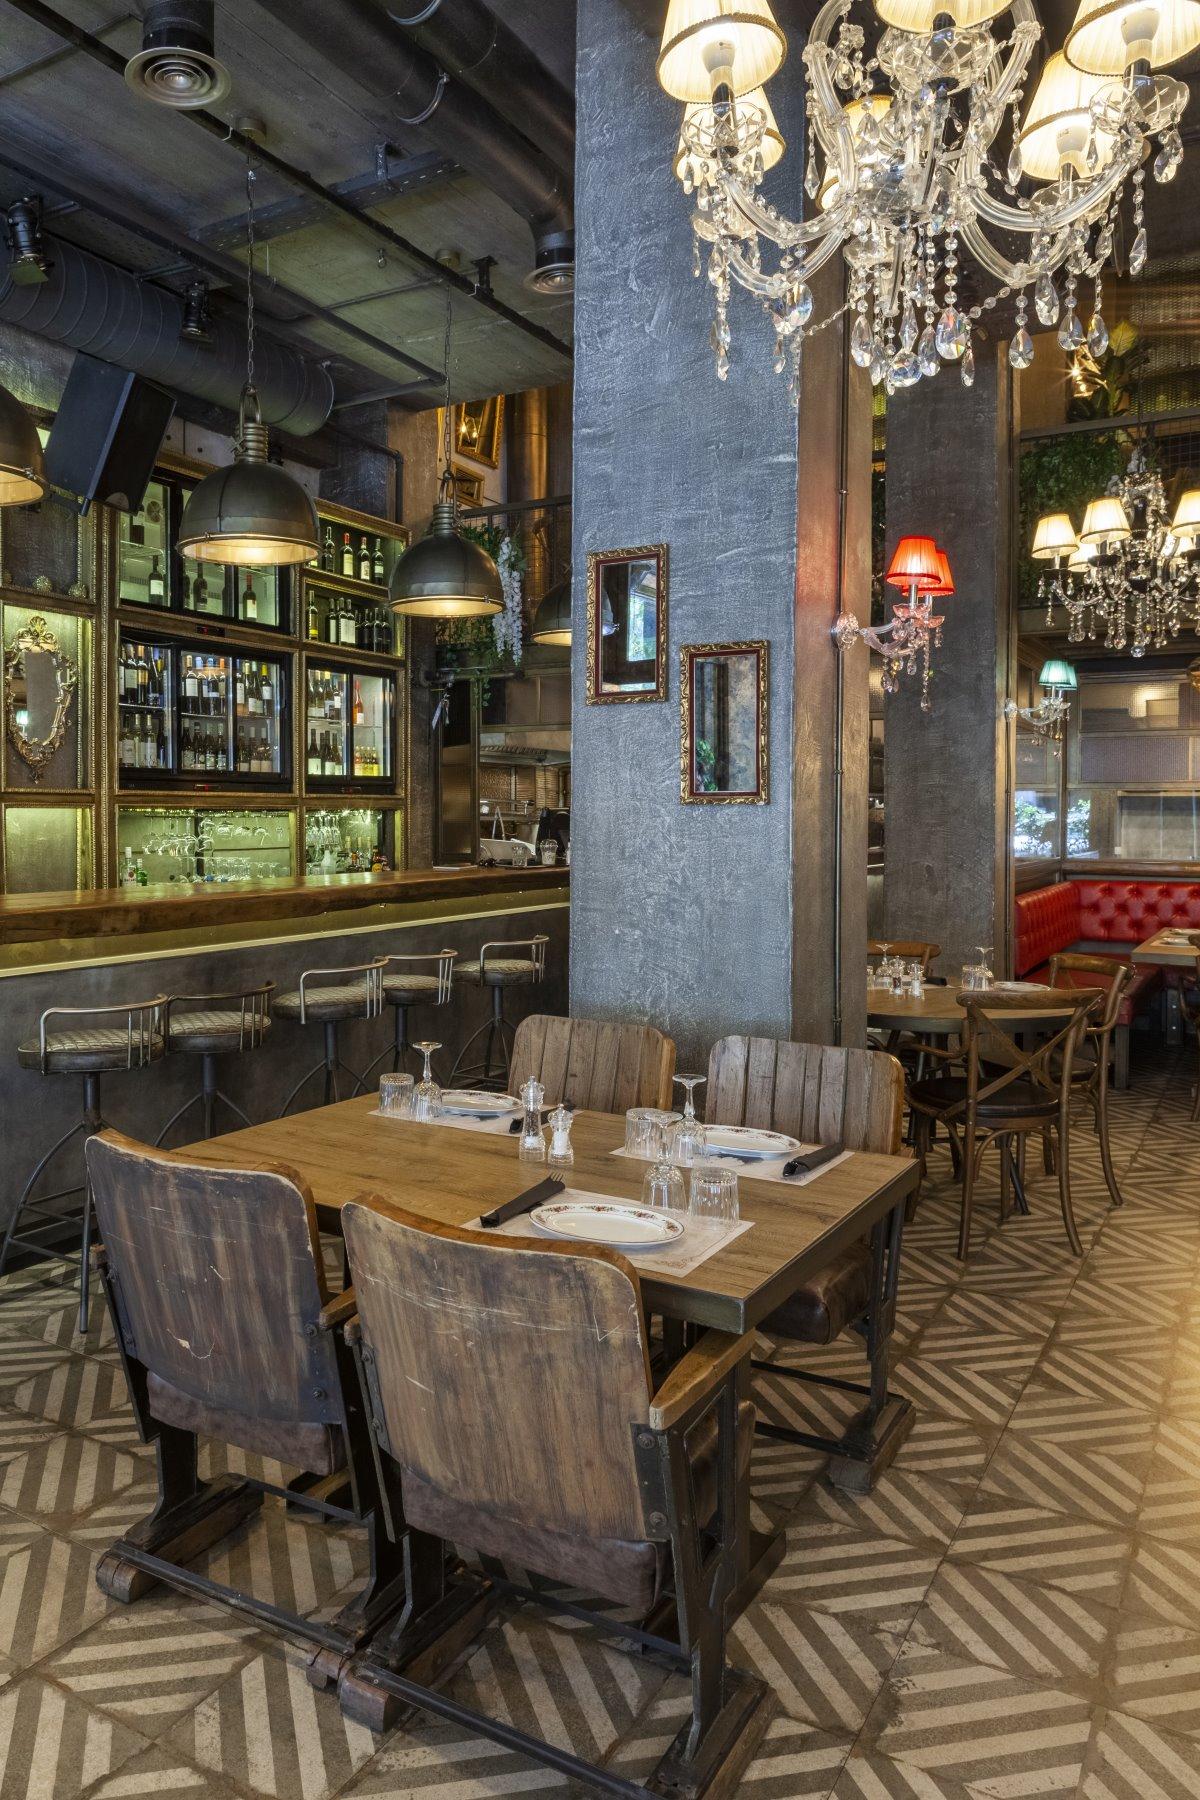 Κομψός και σικ ο εσωτερικός χώρος, του ιταλικού εστιατορίου Italida στον Πειραιά